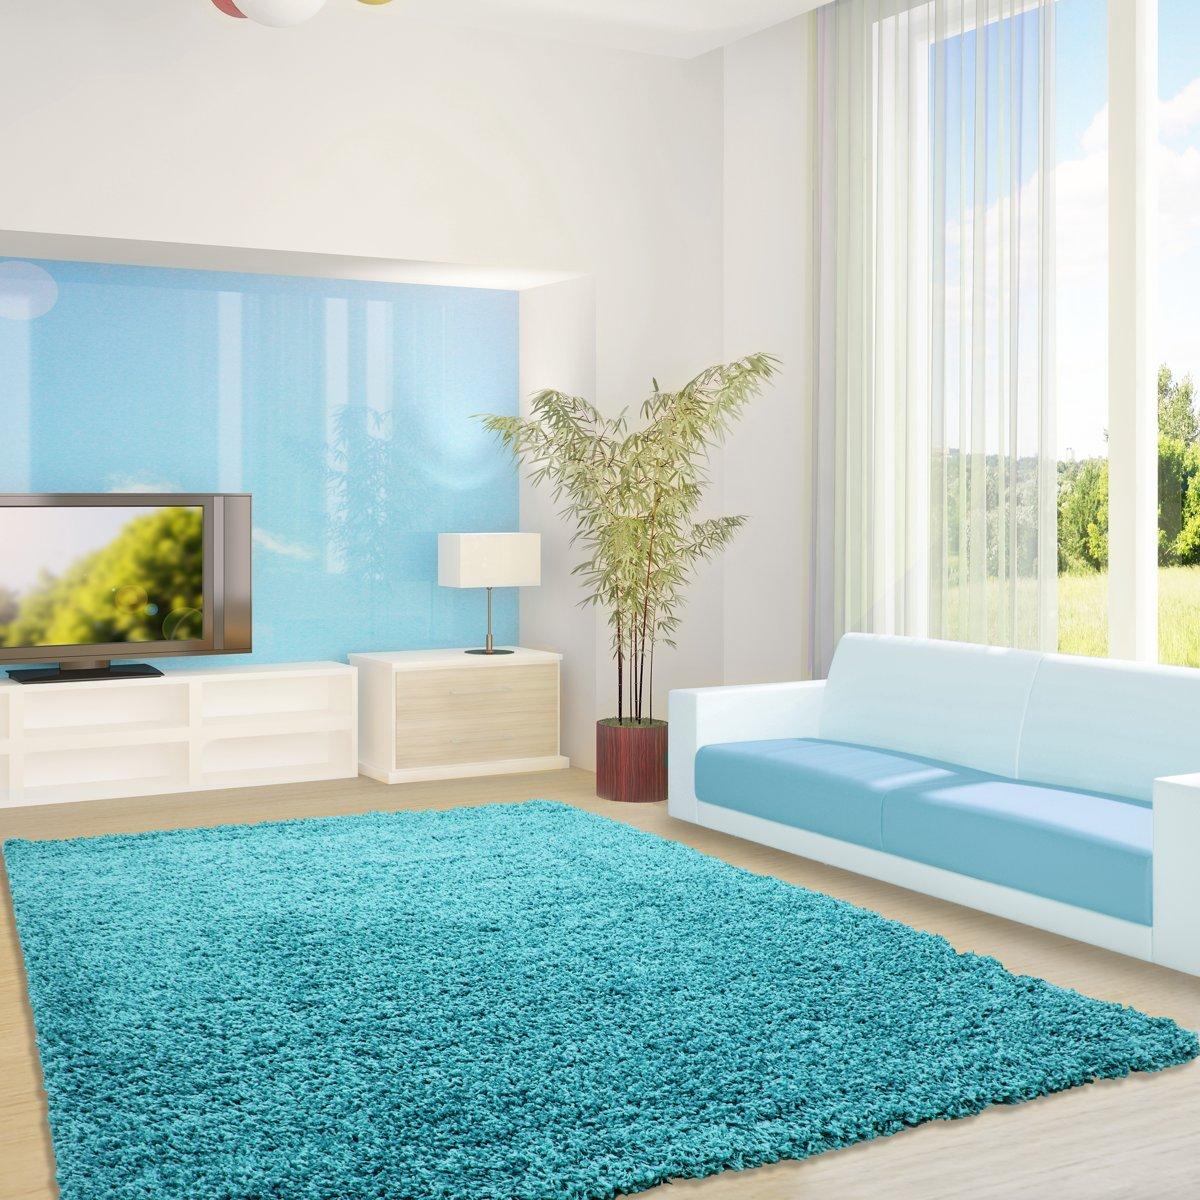 bol.com | Turquoise Vloerkleed kopen? Kijk snel!